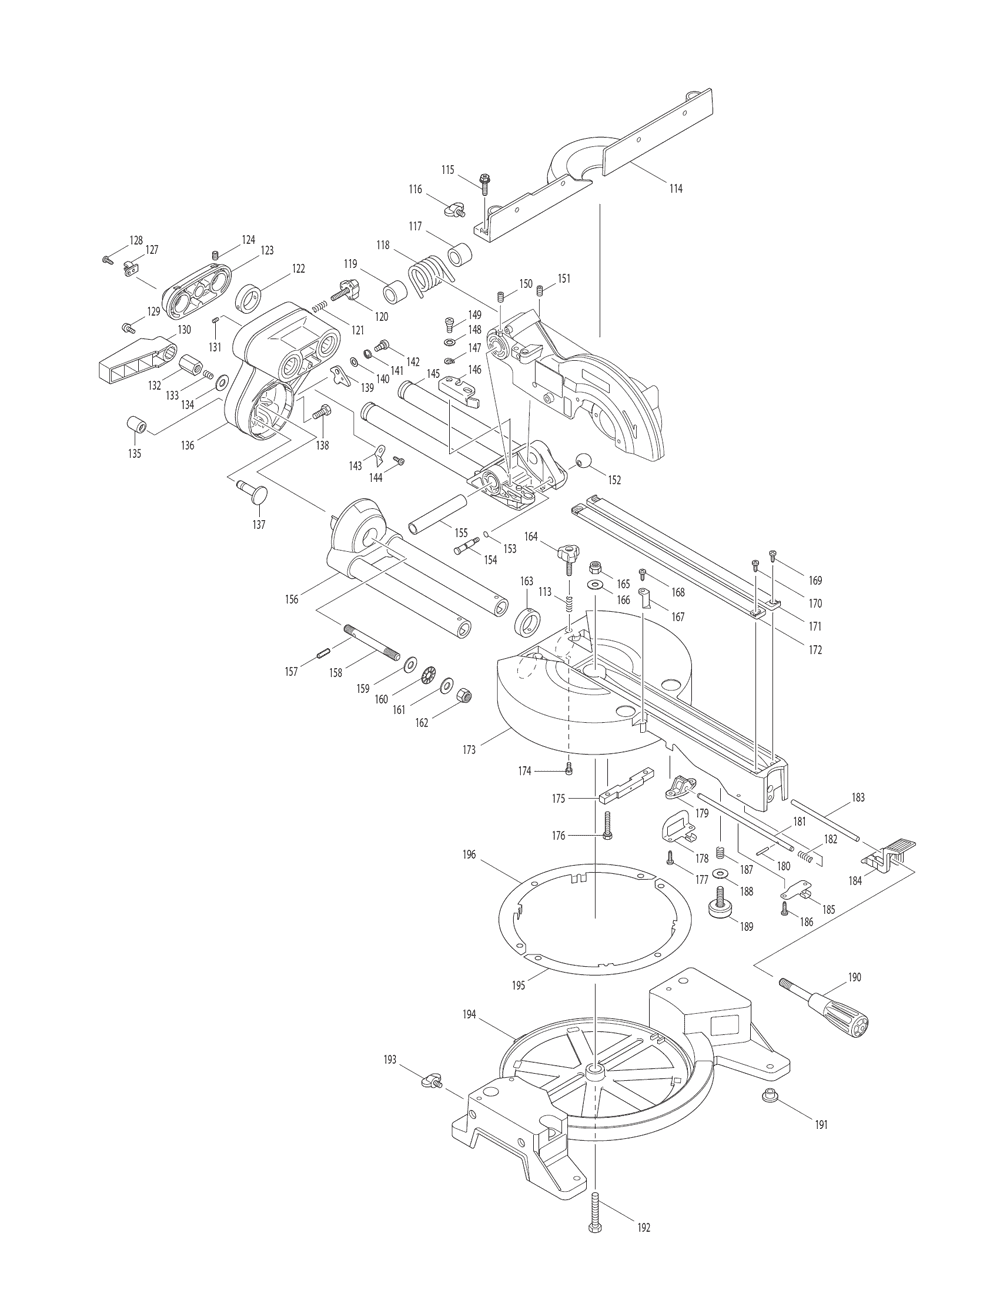 LXSL01Z1-T1-Makita-PB-1Break Down